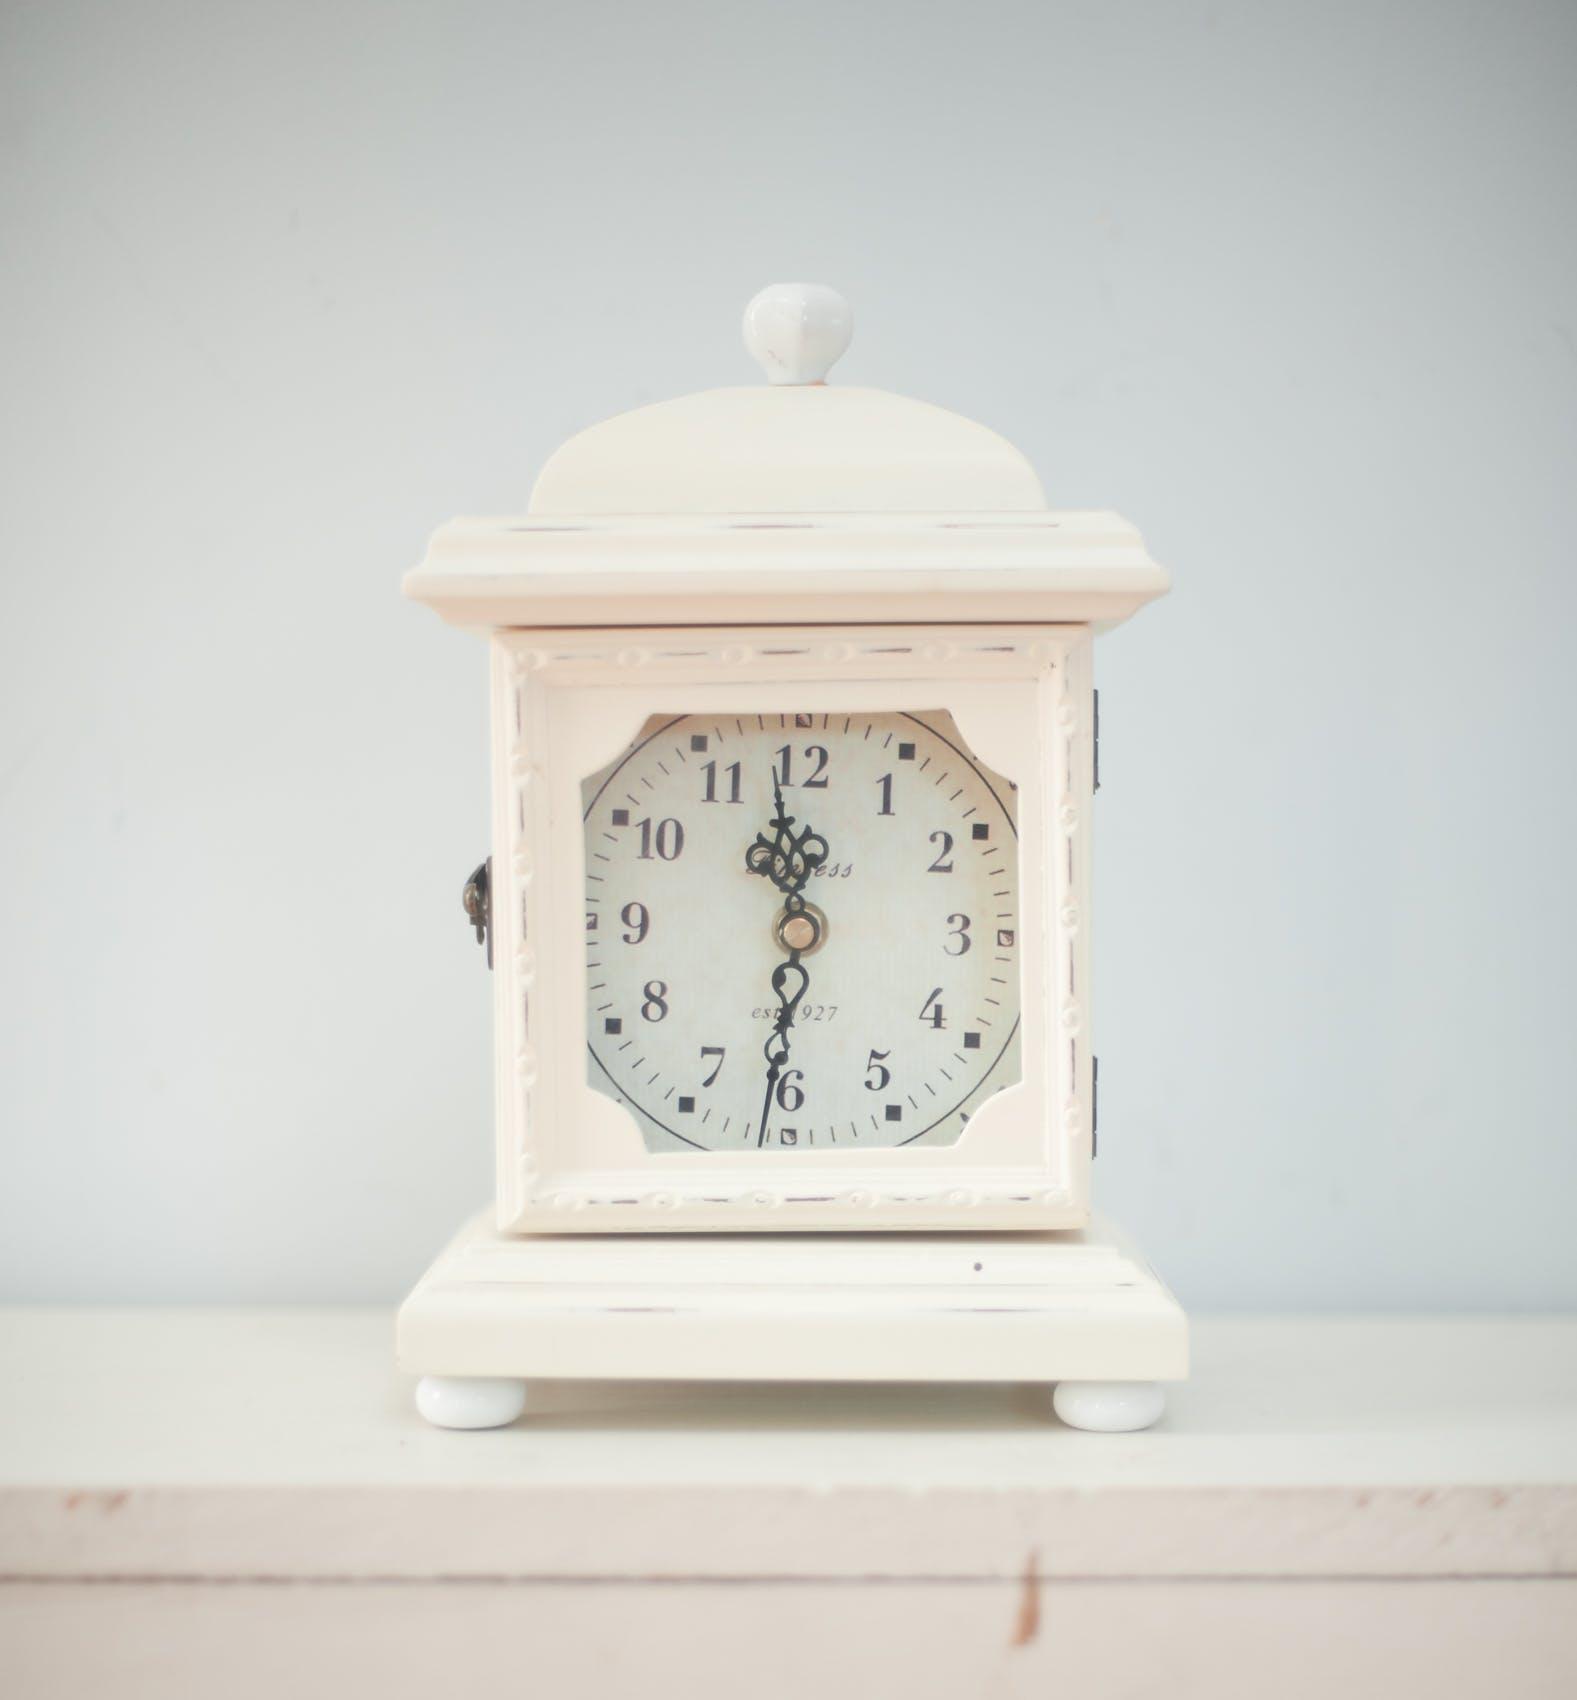 11:31, alarm clock, antique